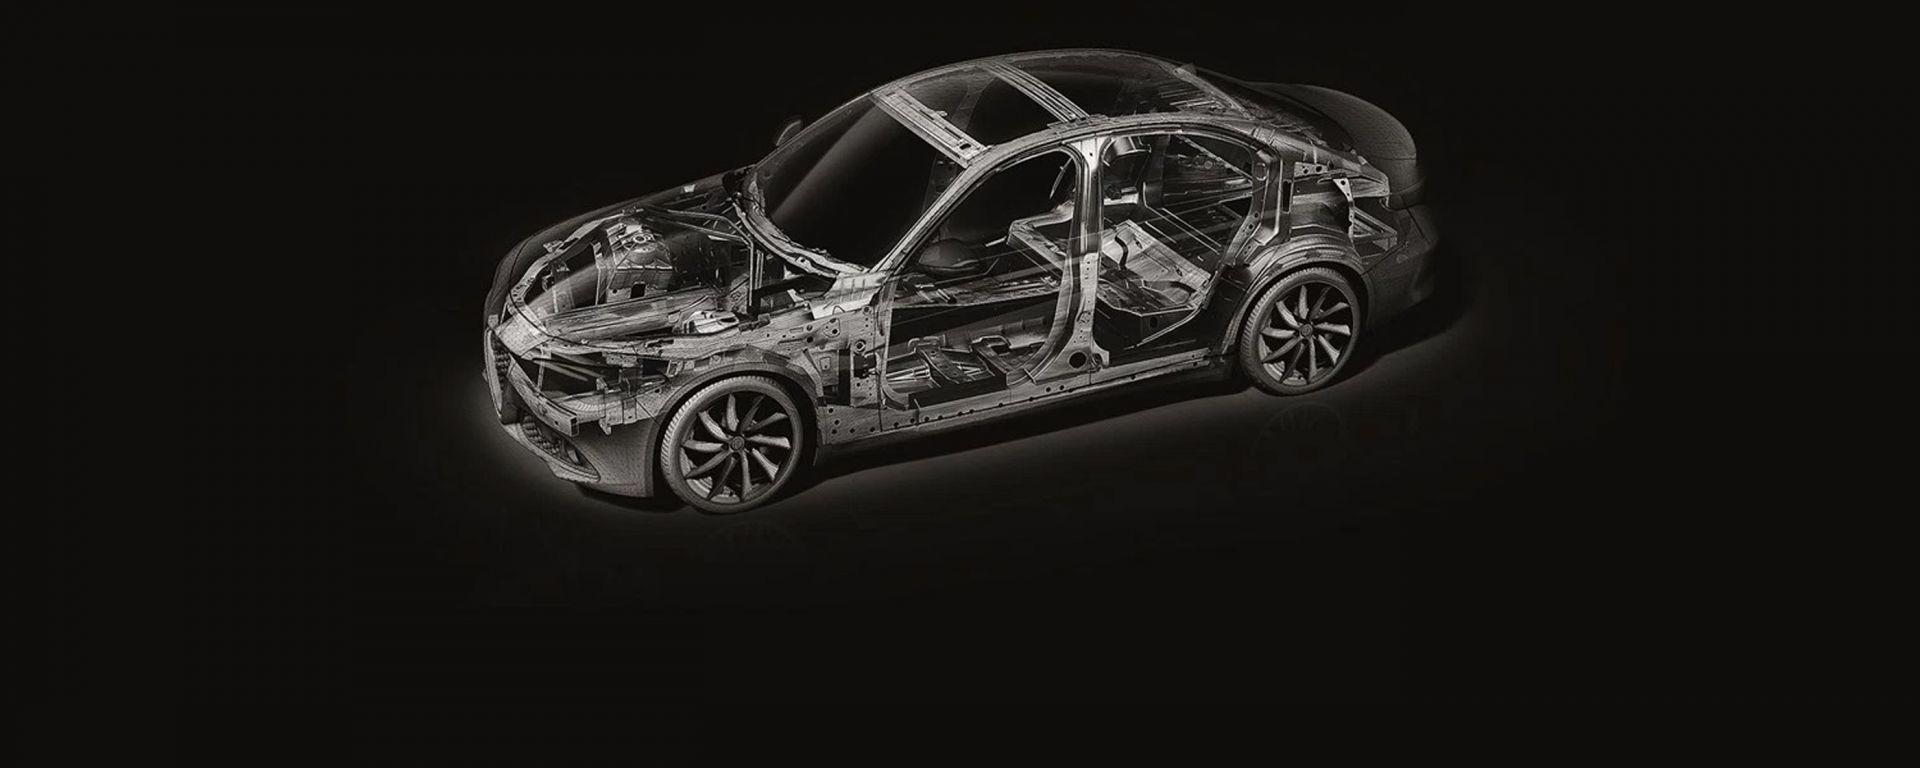 Alfa Romeo Giulia: la sua piattaforma, chiamata Giorgio, verrà utilizzata anche per Maserati e Jeep